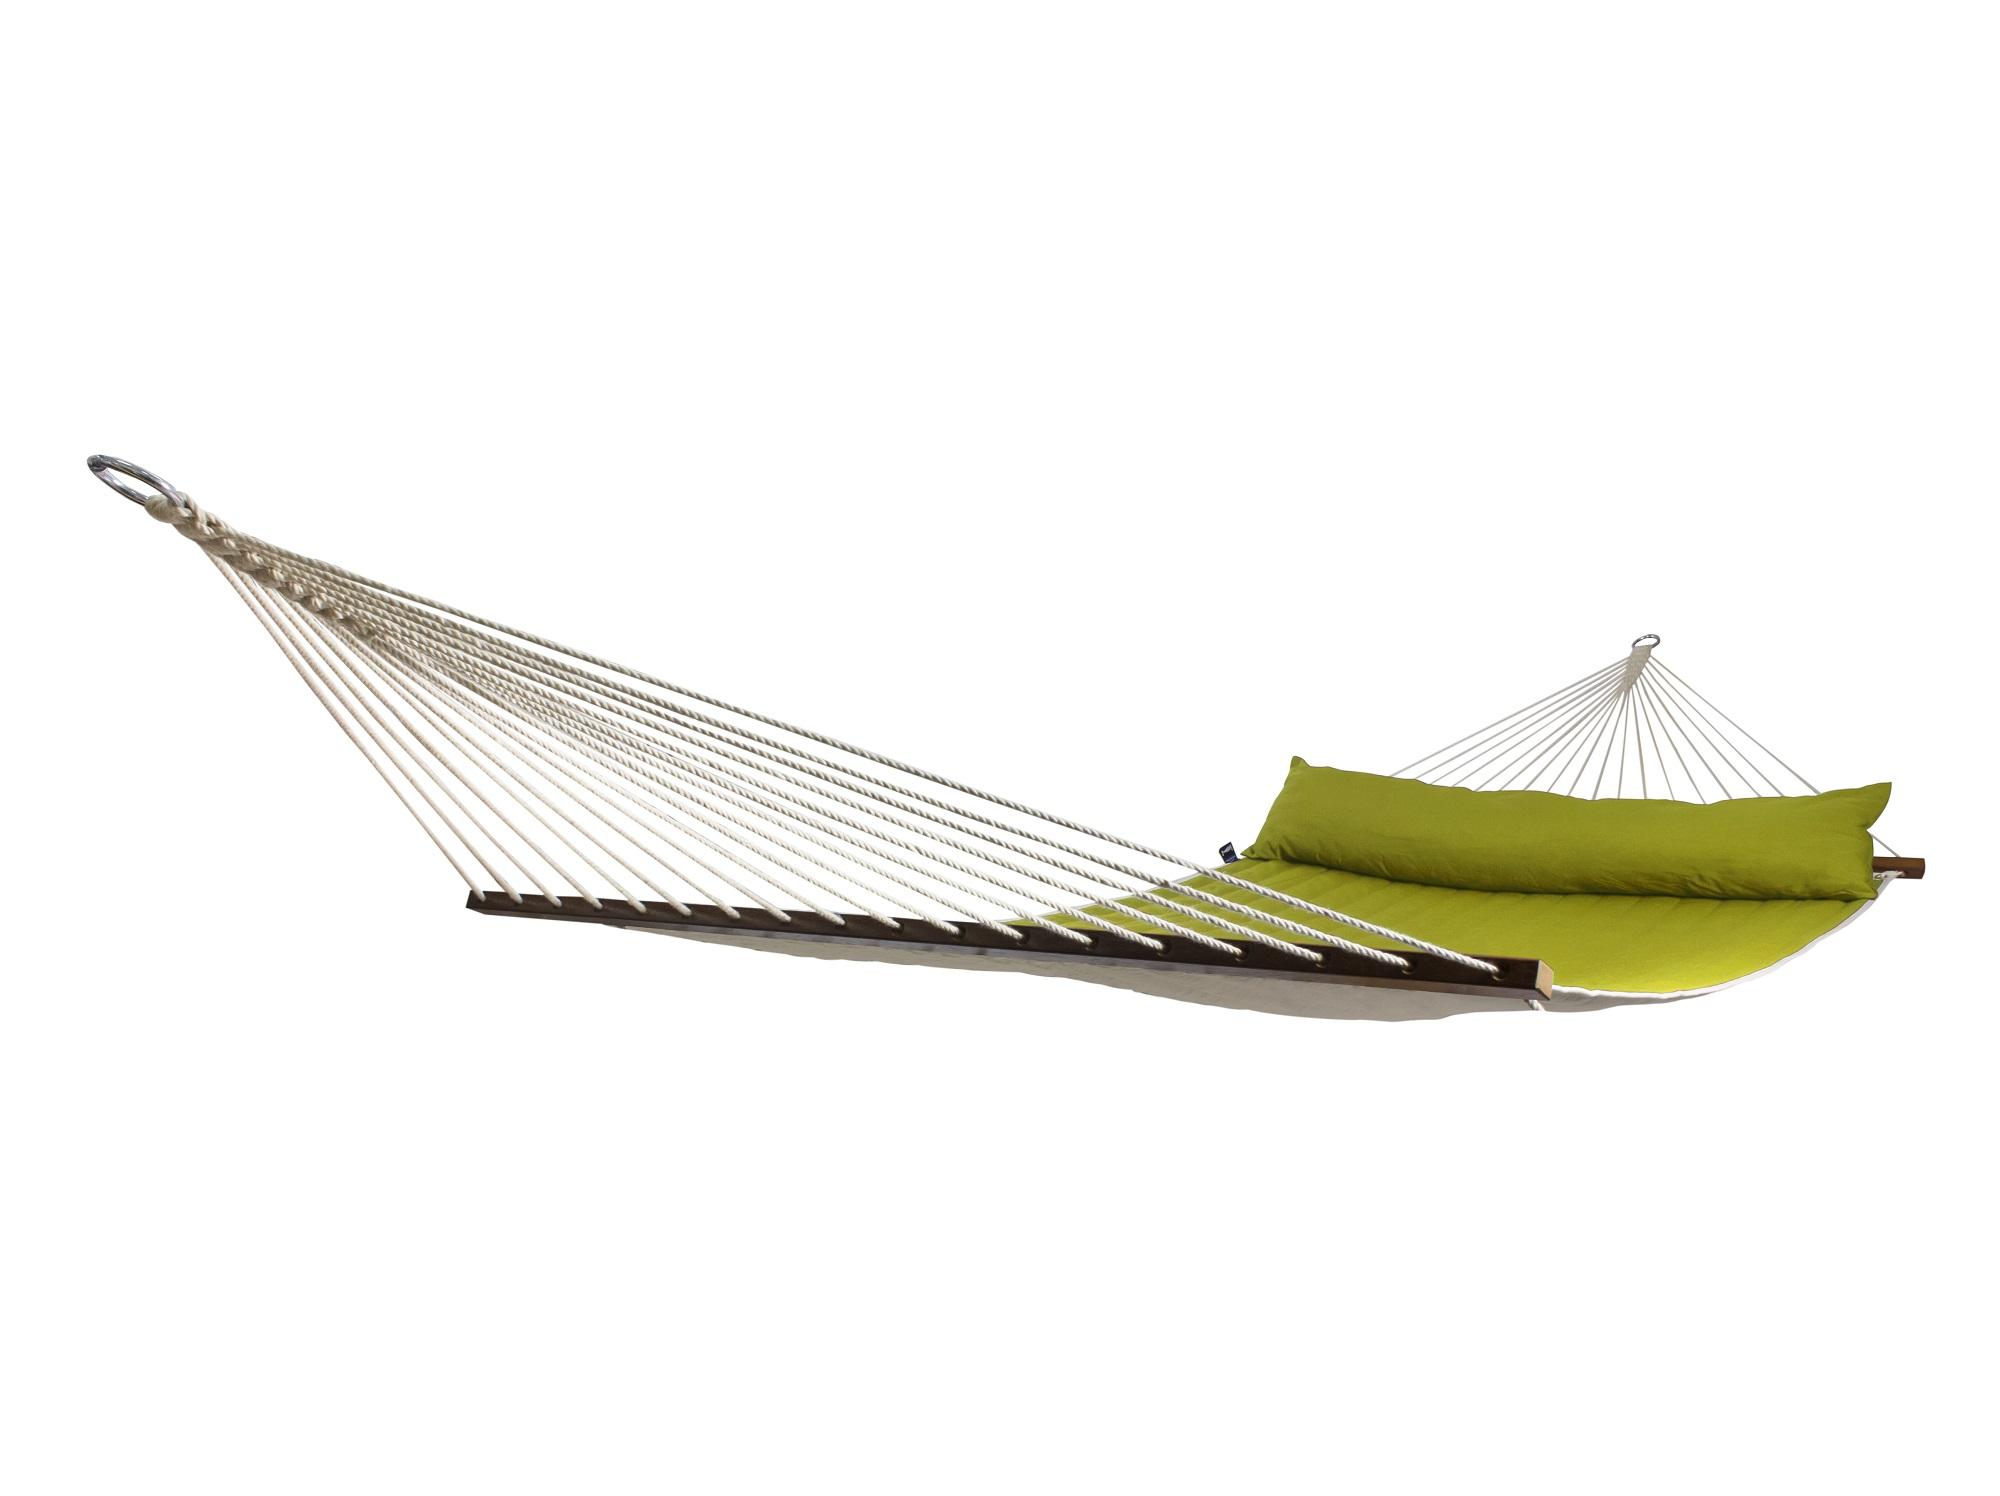 Семейный гамак FamilyГамаки<br>&amp;lt;div style=&amp;quot;line-height: 24.9999px;&amp;quot;&amp;gt;Гамак Family &amp;amp;nbsp;- отличный вариант для отдыха под открытым небом. Гамак изготовлен из современных погодостойких материалов и не выгорает. Благодаря конструкции подвеса гамак можно крепить как к деревьям, так и к специальному каркасу.&amp;lt;br&amp;gt;&amp;lt;/div&amp;gt;&amp;lt;div style=&amp;quot;line-height: 24.9999px;&amp;quot;&amp;gt;&amp;lt;br&amp;gt;&amp;lt;/div&amp;gt;&amp;lt;div style=&amp;quot;line-height: 24.9999px;&amp;quot;&amp;gt;Максимальная нагрузка: 160 кг.&amp;lt;/div&amp;gt;&amp;lt;div style=&amp;quot;line-height: 24.9999px;&amp;quot;&amp;gt;Поперечная планка: бамбук.&amp;lt;/div&amp;gt;&amp;lt;div style=&amp;quot;line-height: 24.9999px;&amp;quot;&amp;gt;&amp;lt;span style=&amp;quot;line-height: 24.9999px;&amp;quot;&amp;gt;Каркас в комплект не входит.&amp;lt;/span&amp;gt;&amp;lt;br&amp;gt;&amp;lt;/div&amp;gt;<br><br>Material: Хлопок<br>Ширина см: 140<br>Глубина см: 210